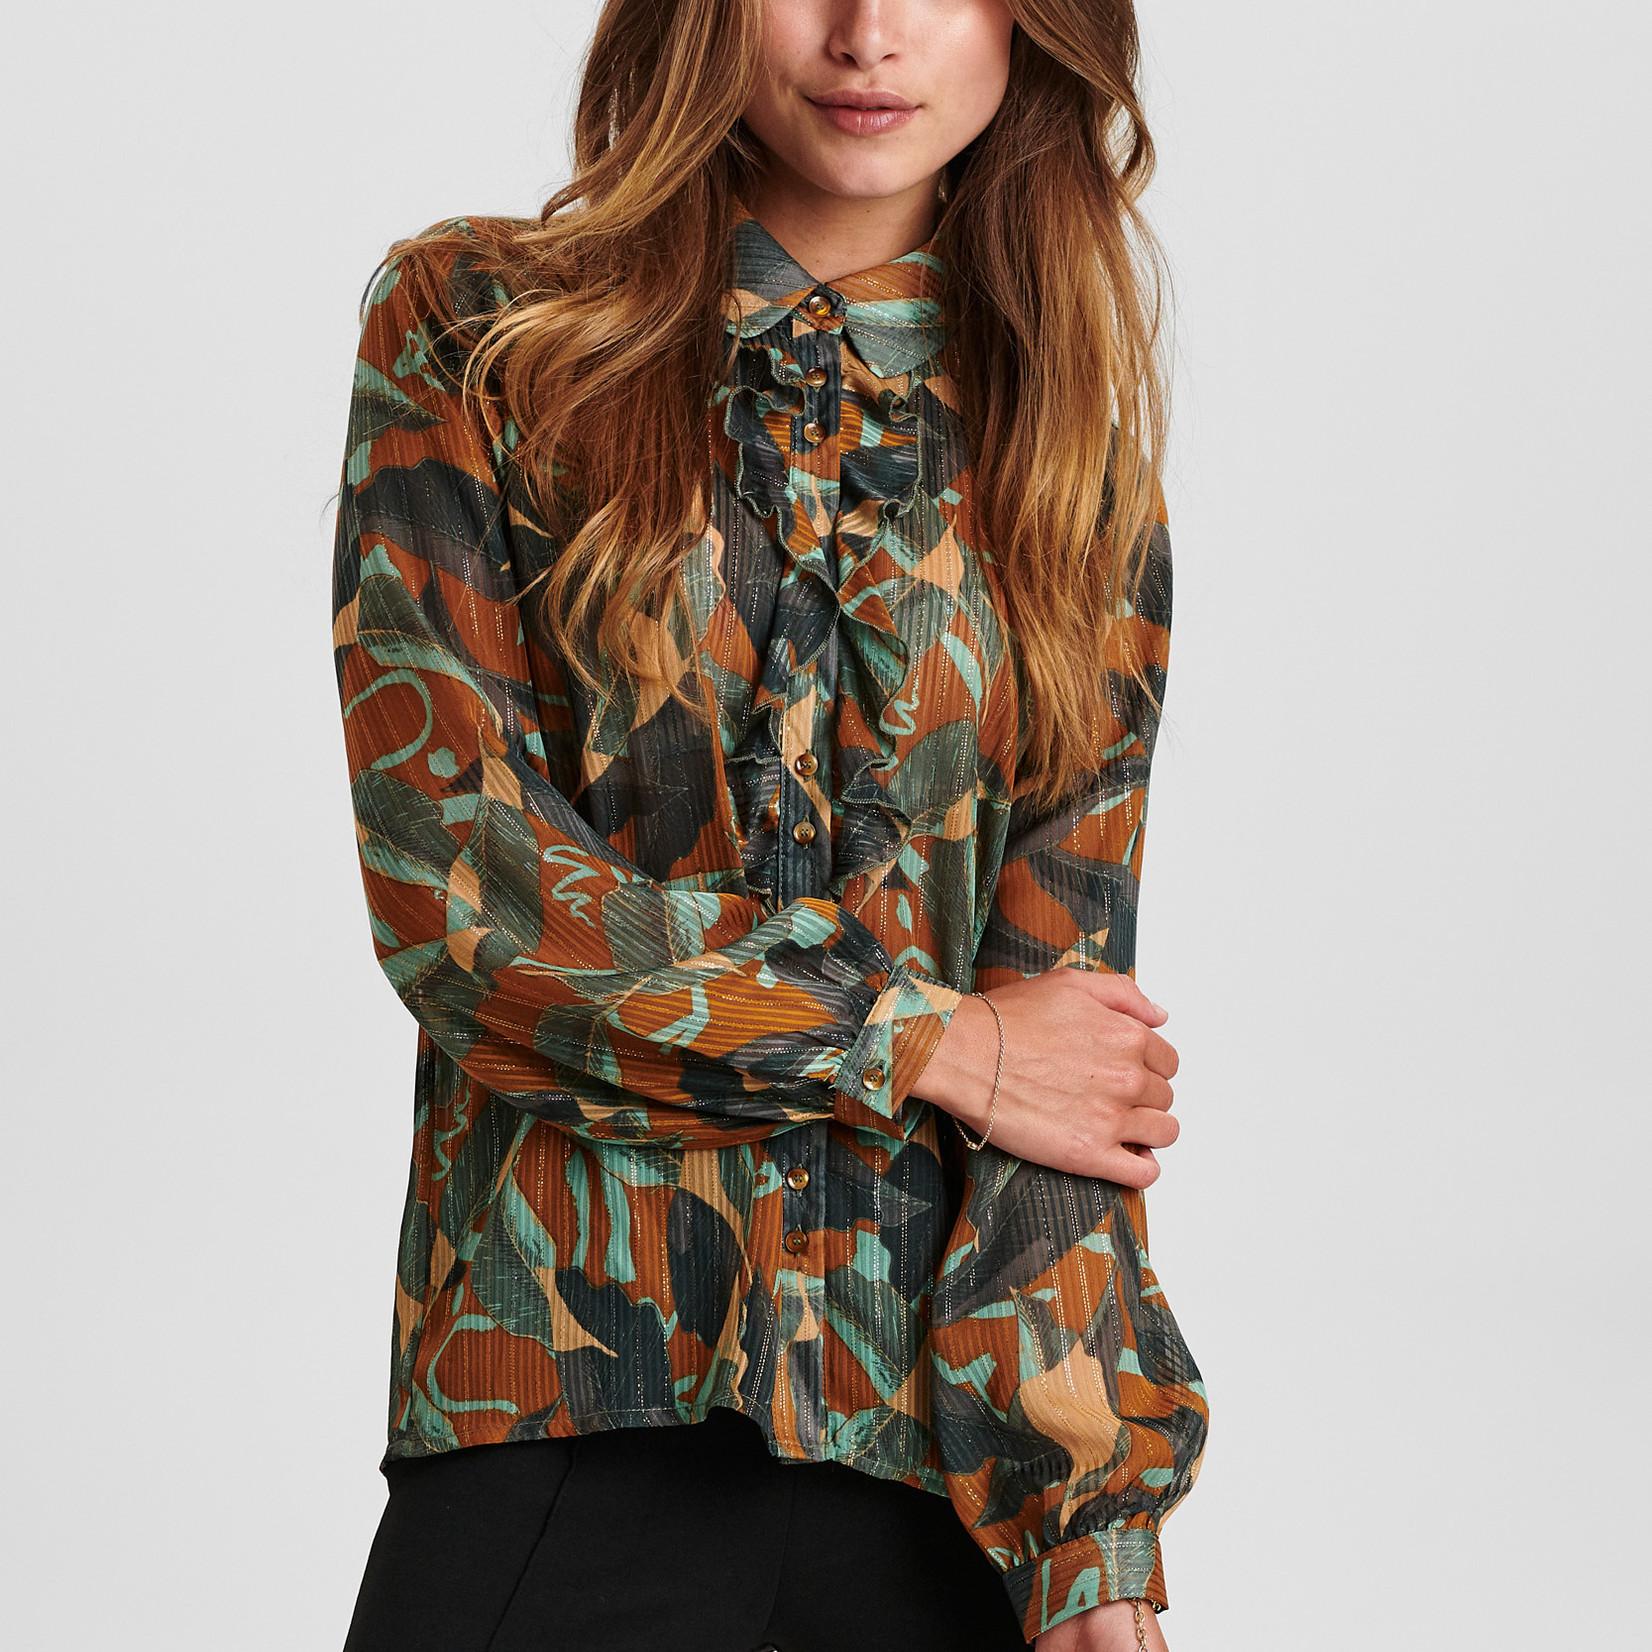 NÜMPH NUCALIXTA SHIRT, blouse